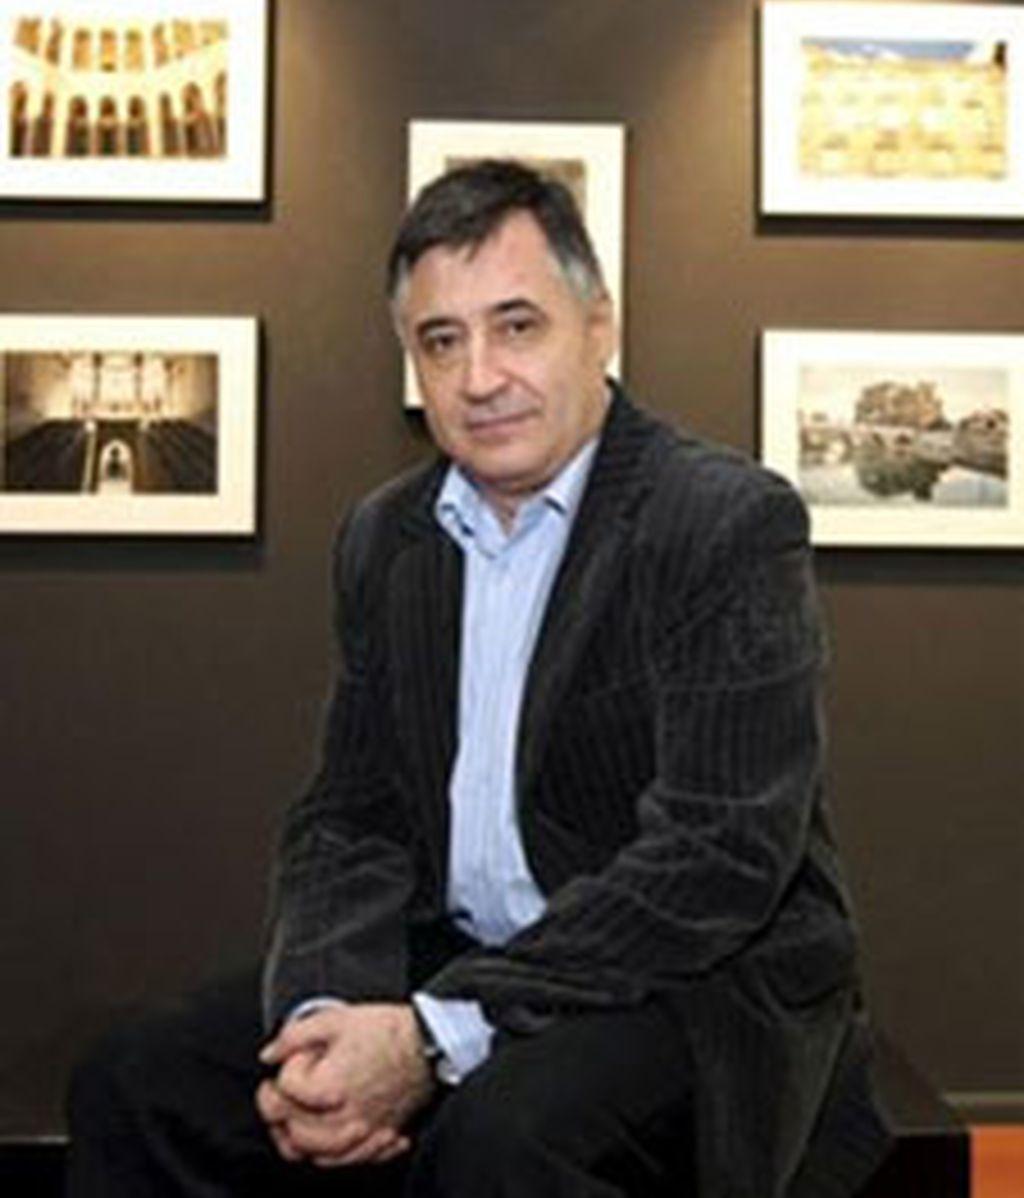 Gervasio Sánchez, un fotógrafo comprometido. Foto: EFE.